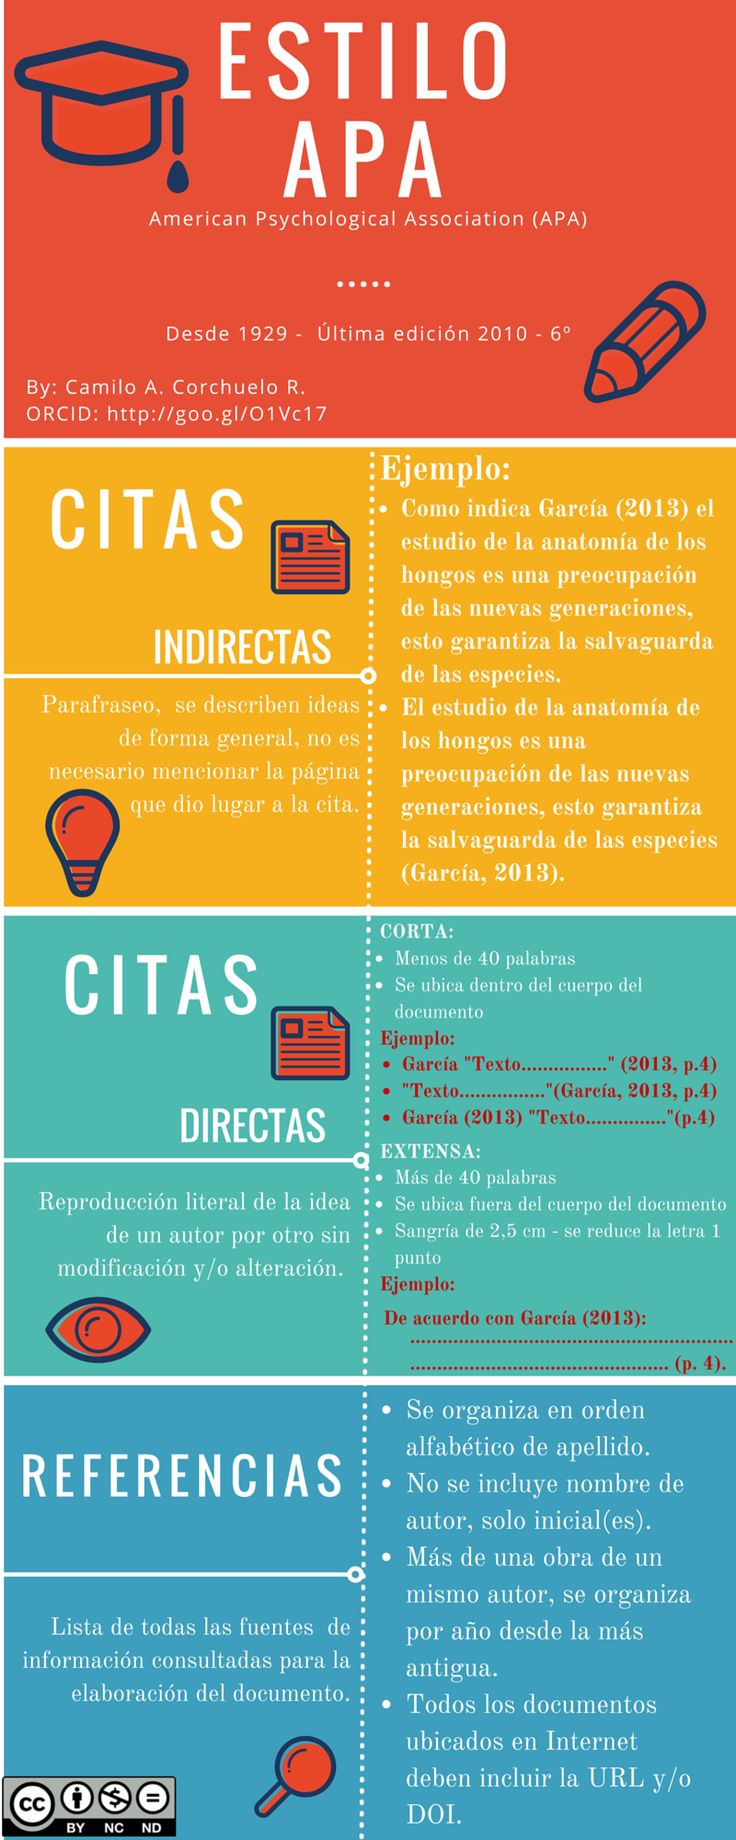 Estilo APA: Las citas indirectas son aquellas donde se hace un parafraseo o descripción general de una idea sin necesidad de mencionar la fuente. Visita nuestro artículo y aprende paso a paso a citar con las normas APA http://tugimnasiacerebral.com/herramientas-de-estudio/como-citar-en-apa-una-pagina-web-y-otros #Gimnasia #Cerebral #Infografia #Apa #Normas #Citas